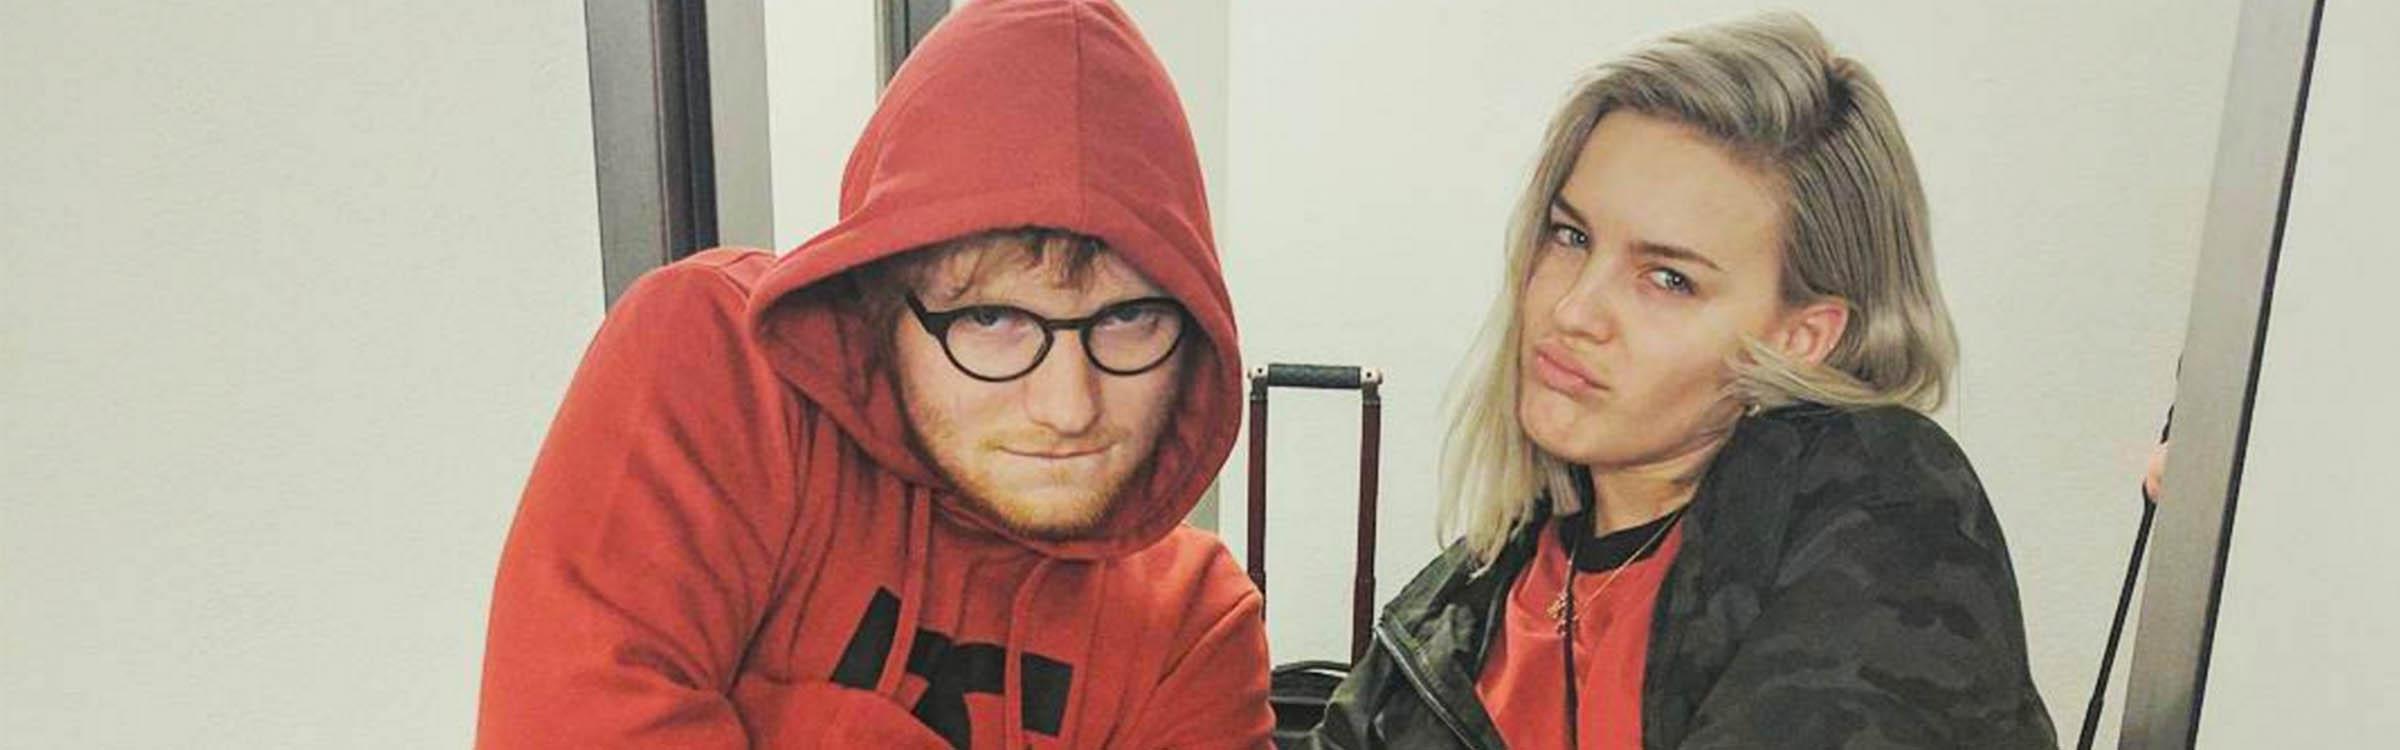 Anne-Marie Ed Sheeran